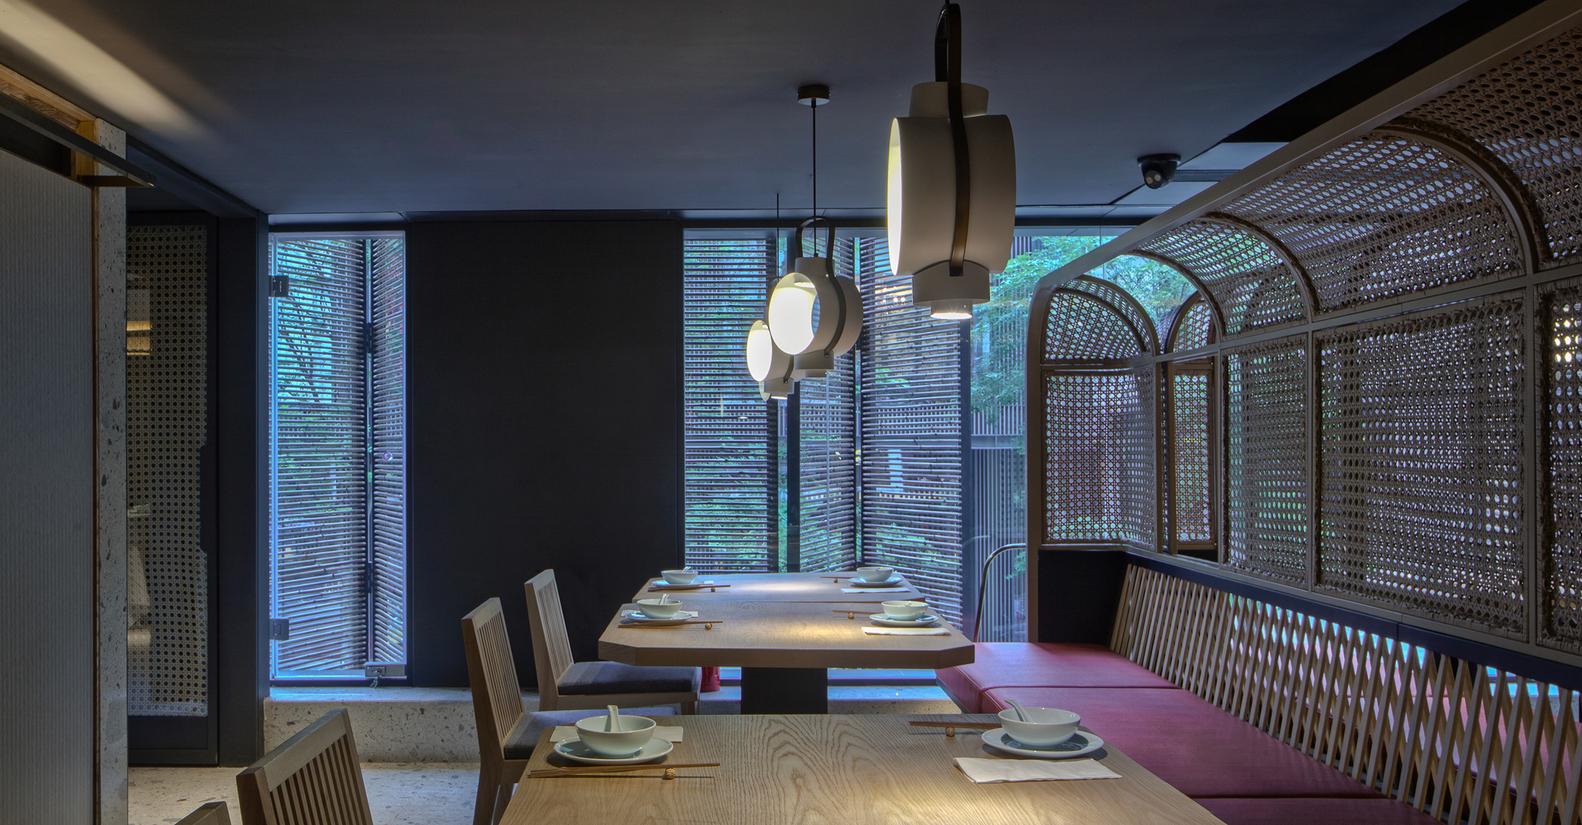 mas kitchencourtesy of chengdu hummingbird design consultant co - Design Consultant